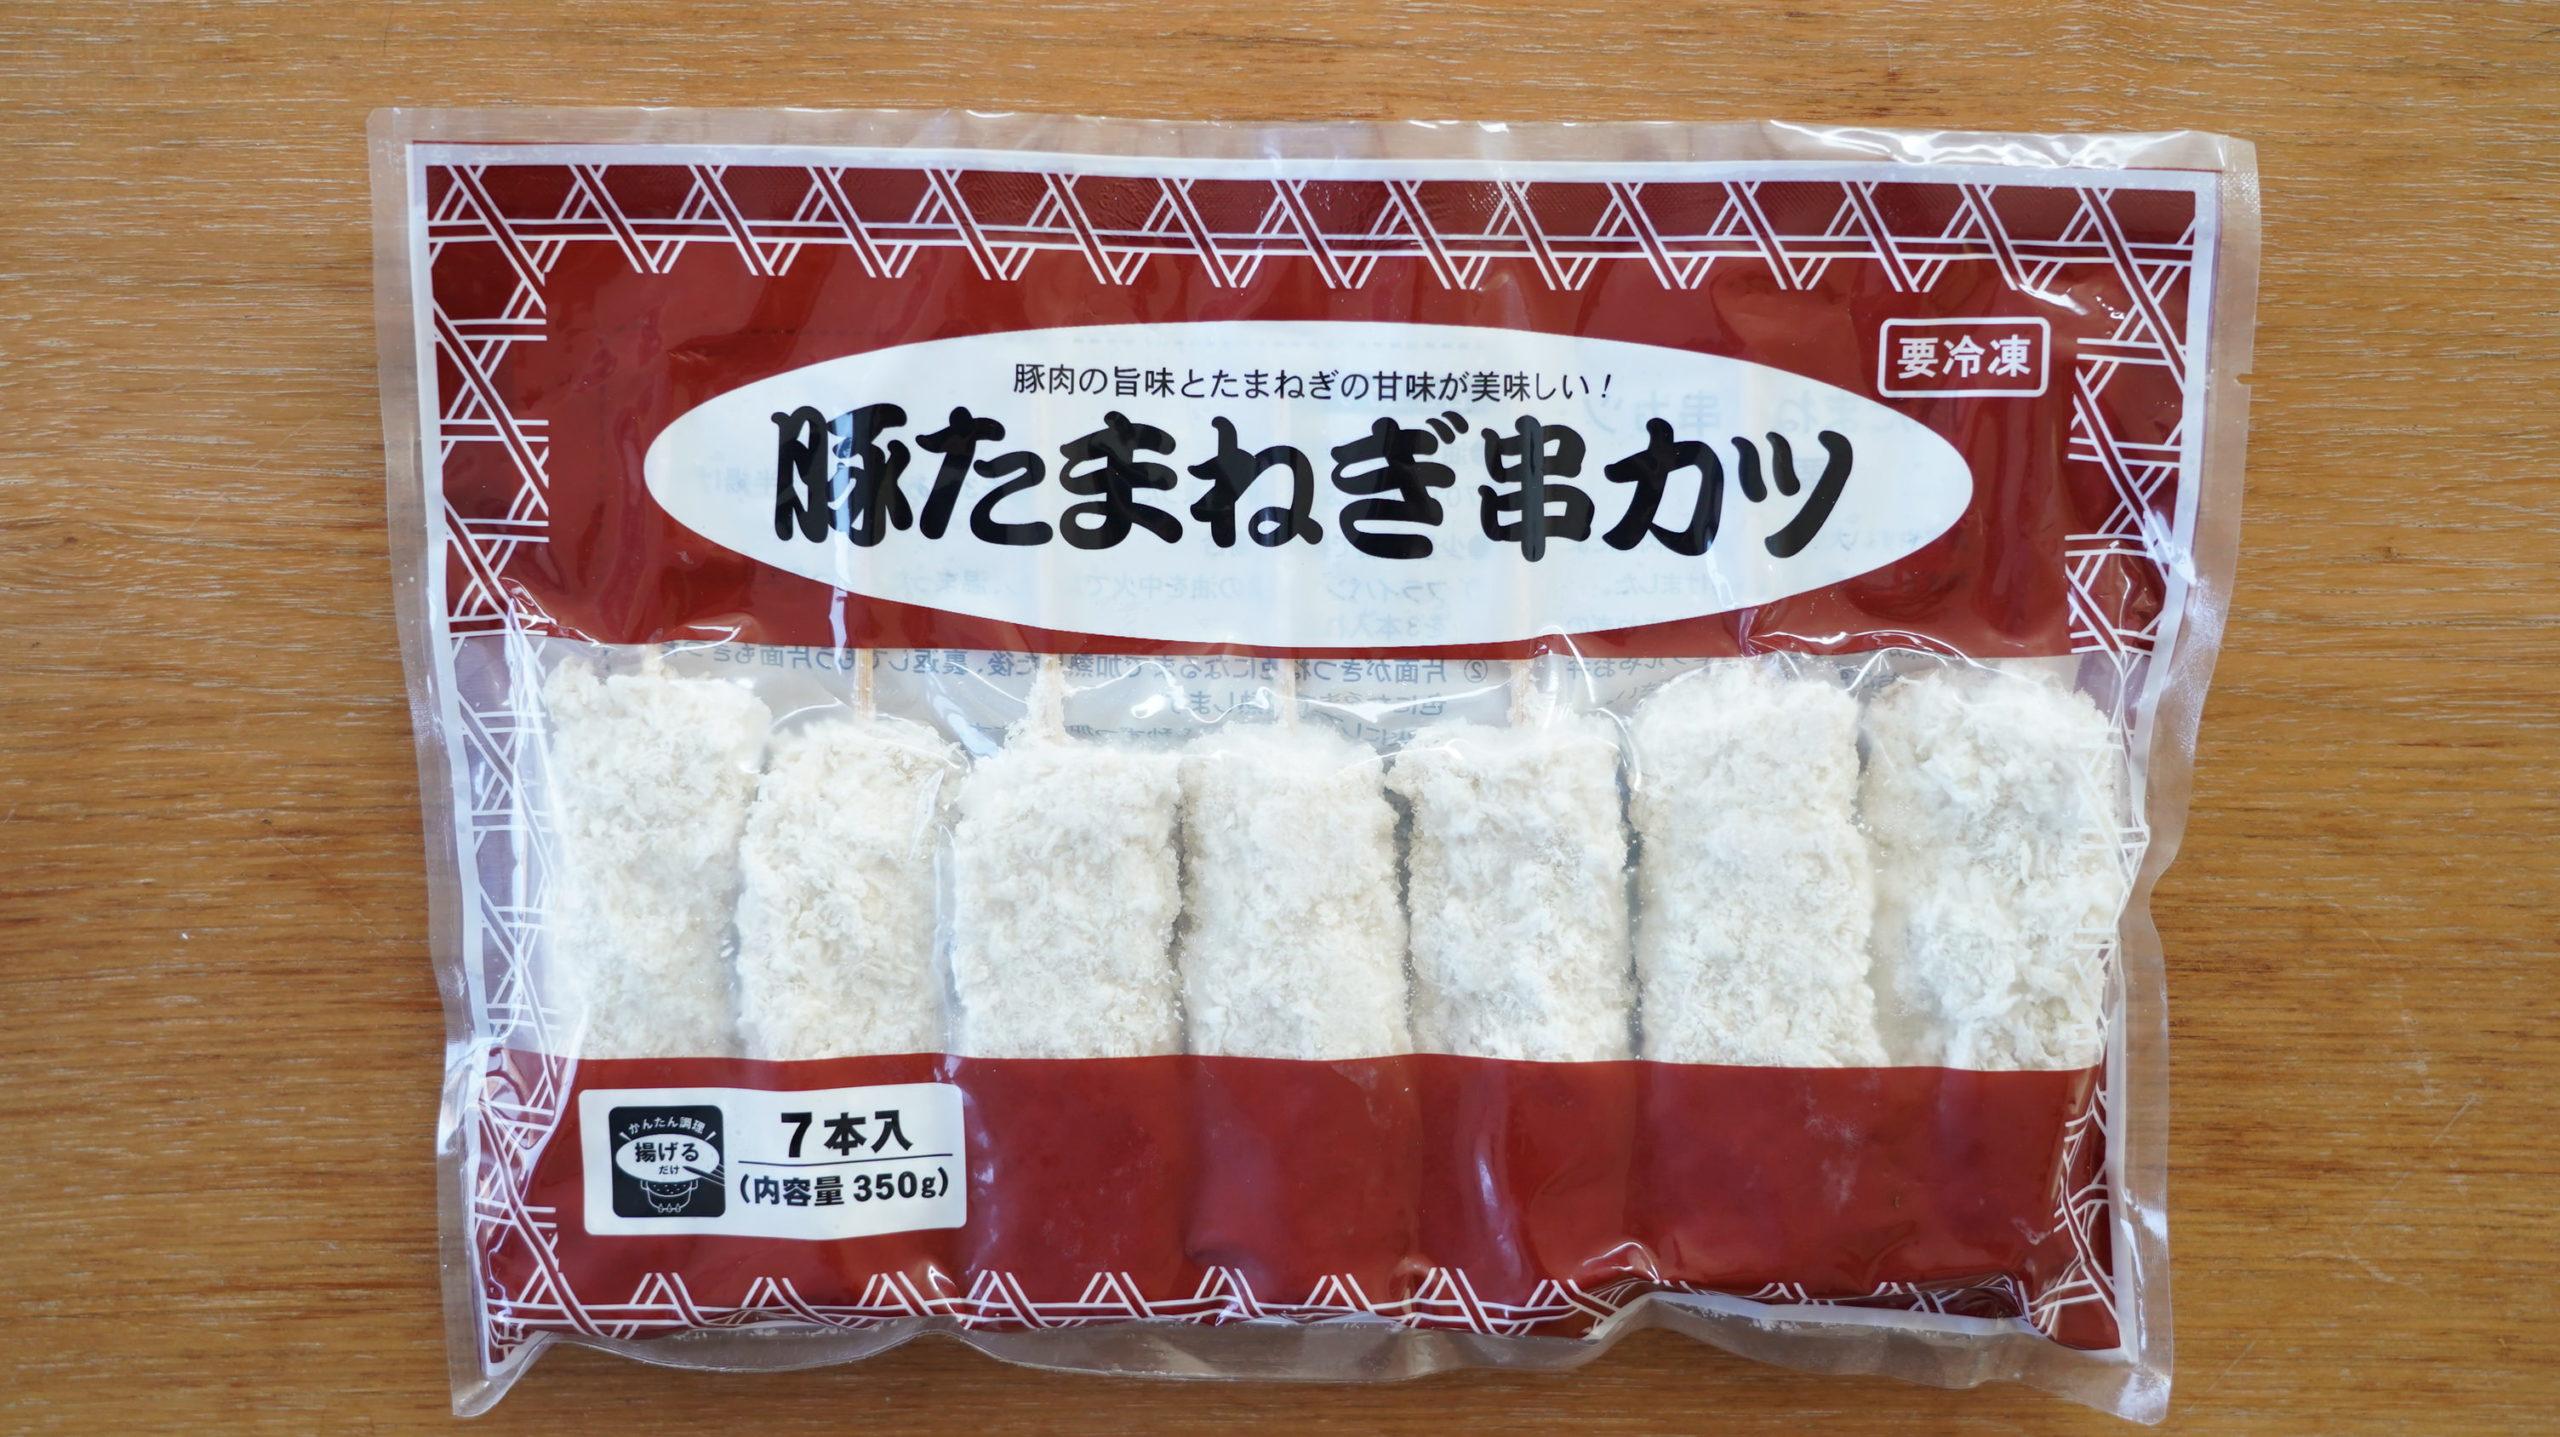 業務スーパーのおすすめ冷凍食品「豚たまねぎ串カツ」のパッケージの写真